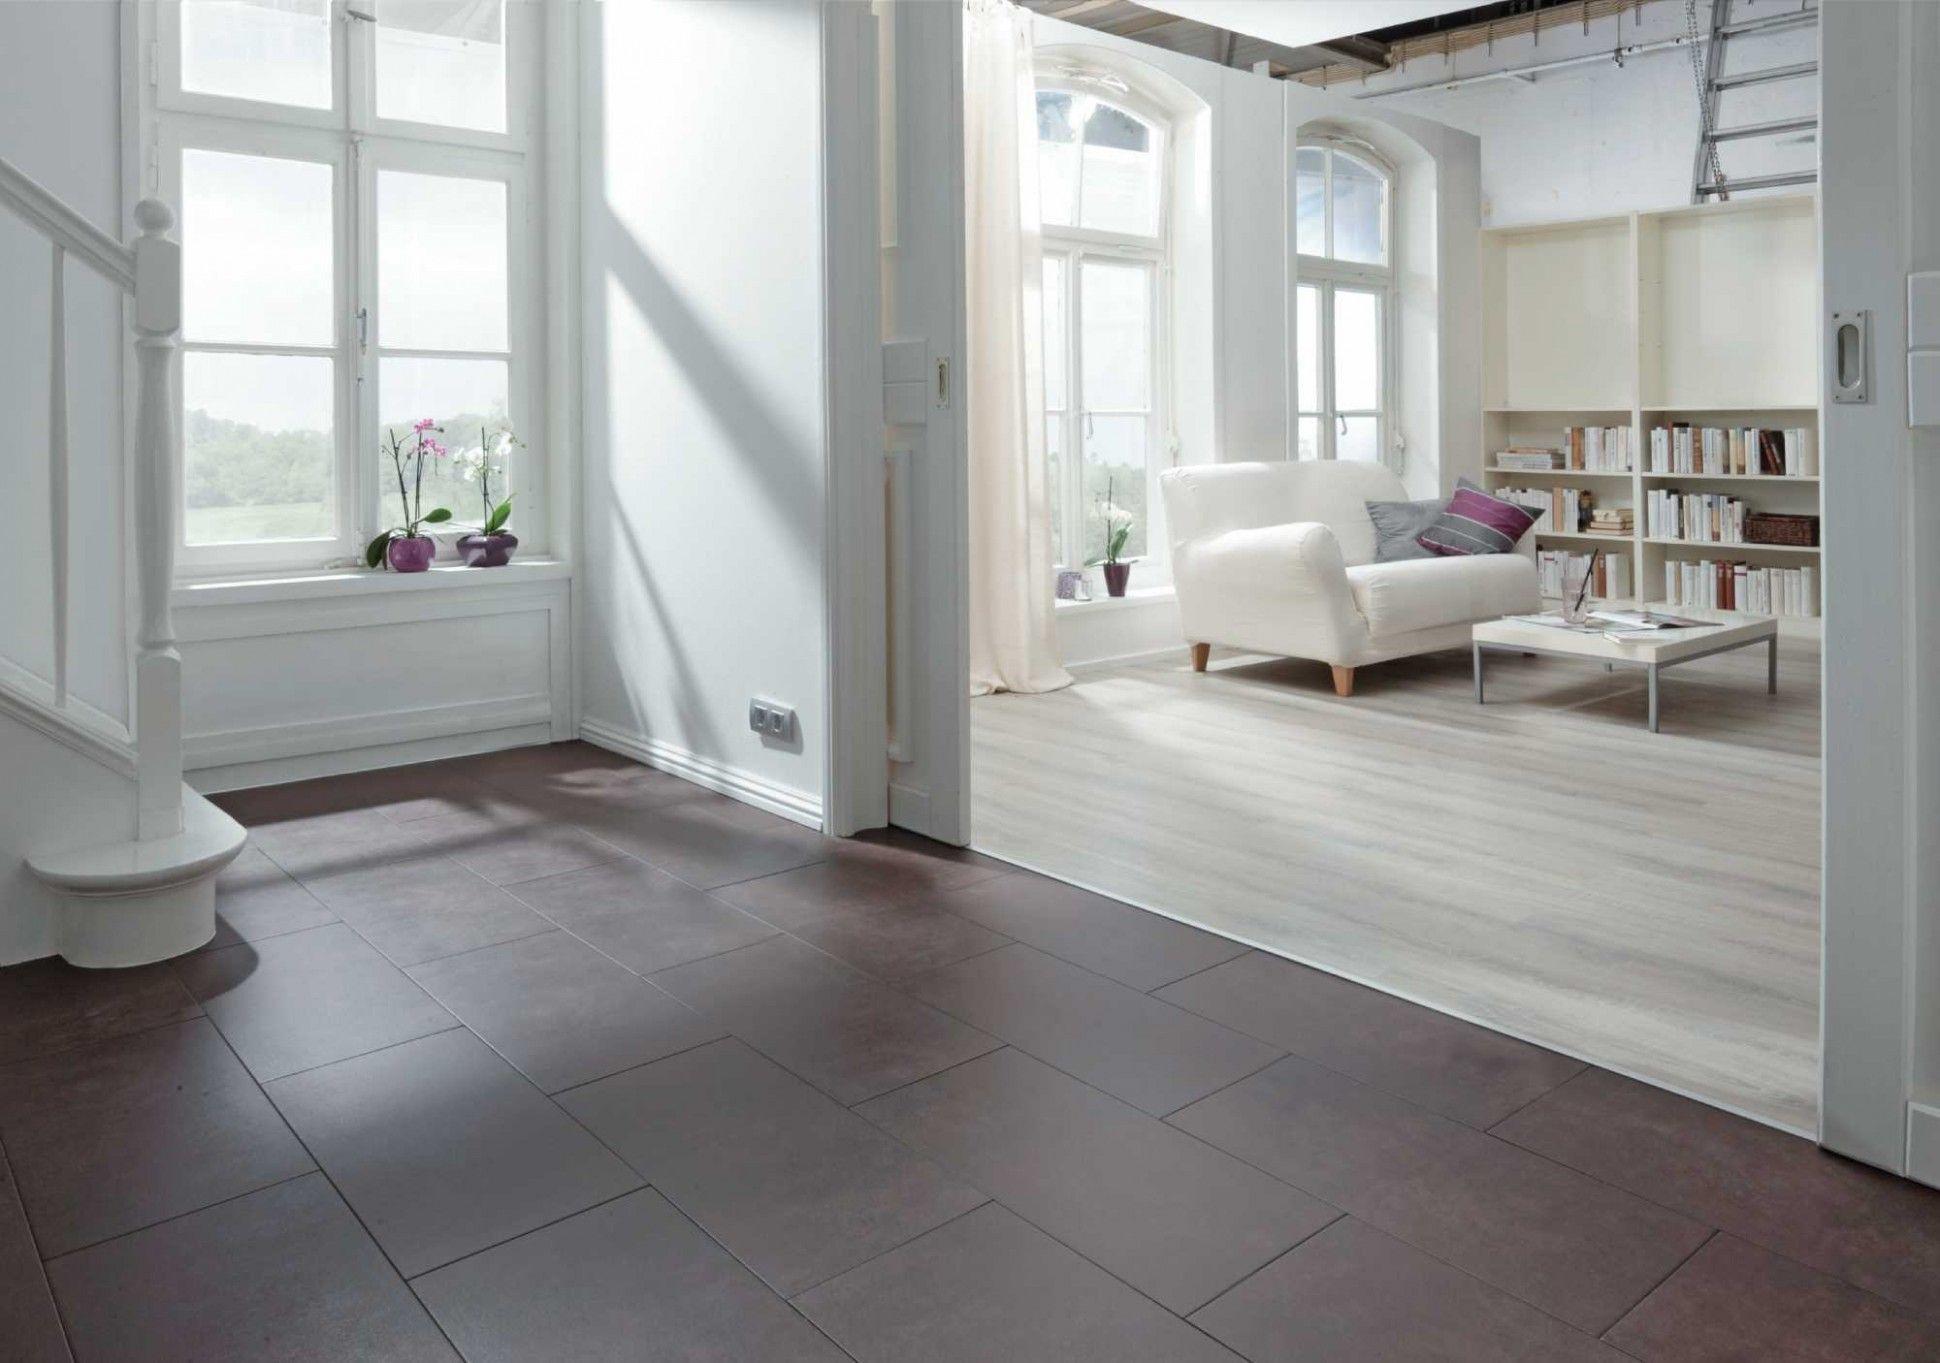 Wohnzimmer Fliesen Entfernen  House design, Home decor, Home